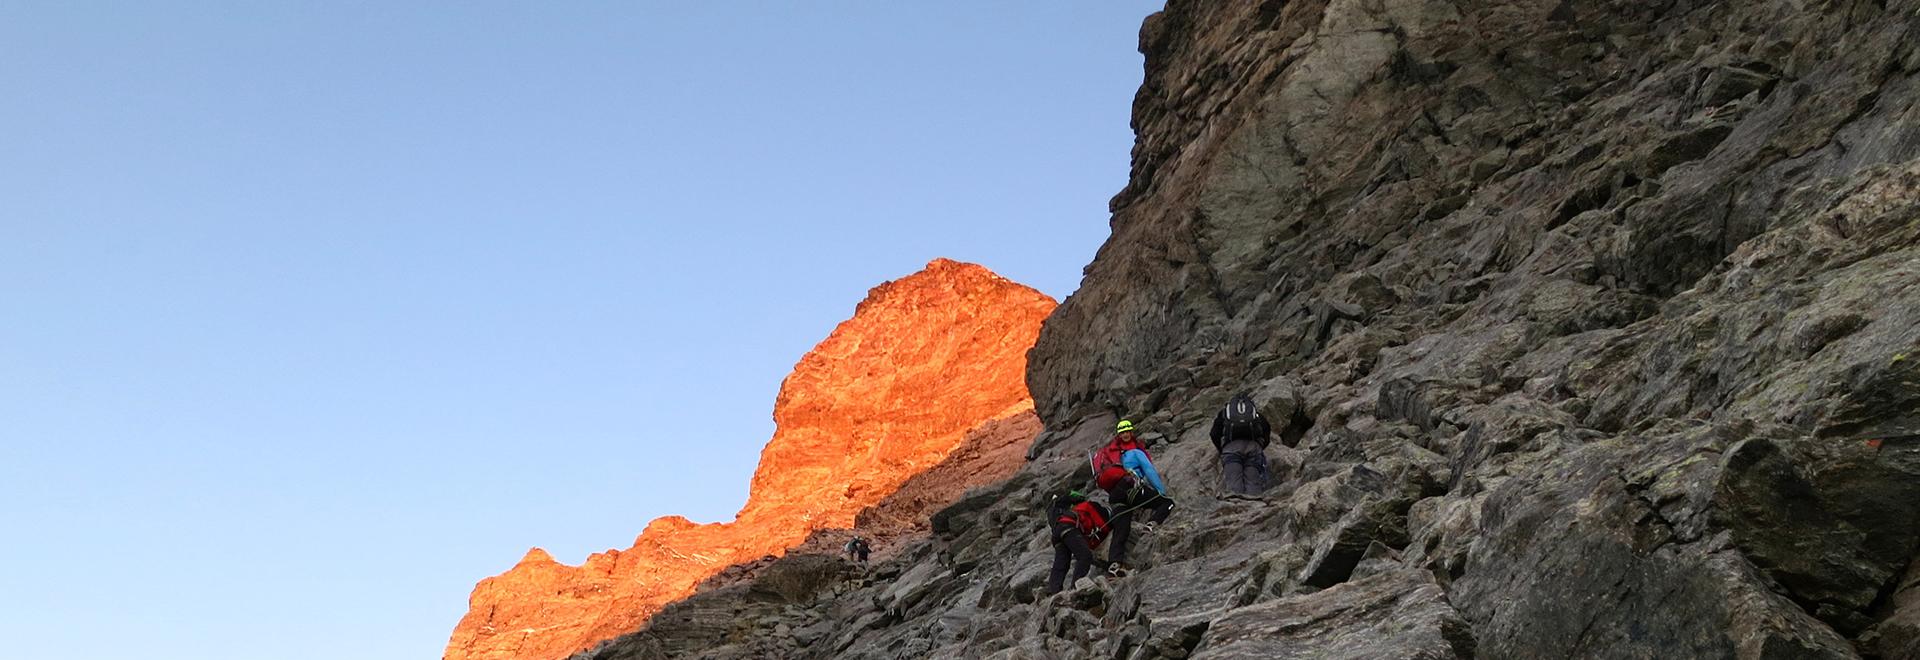 Matterhorn, the Ridges' Traverse